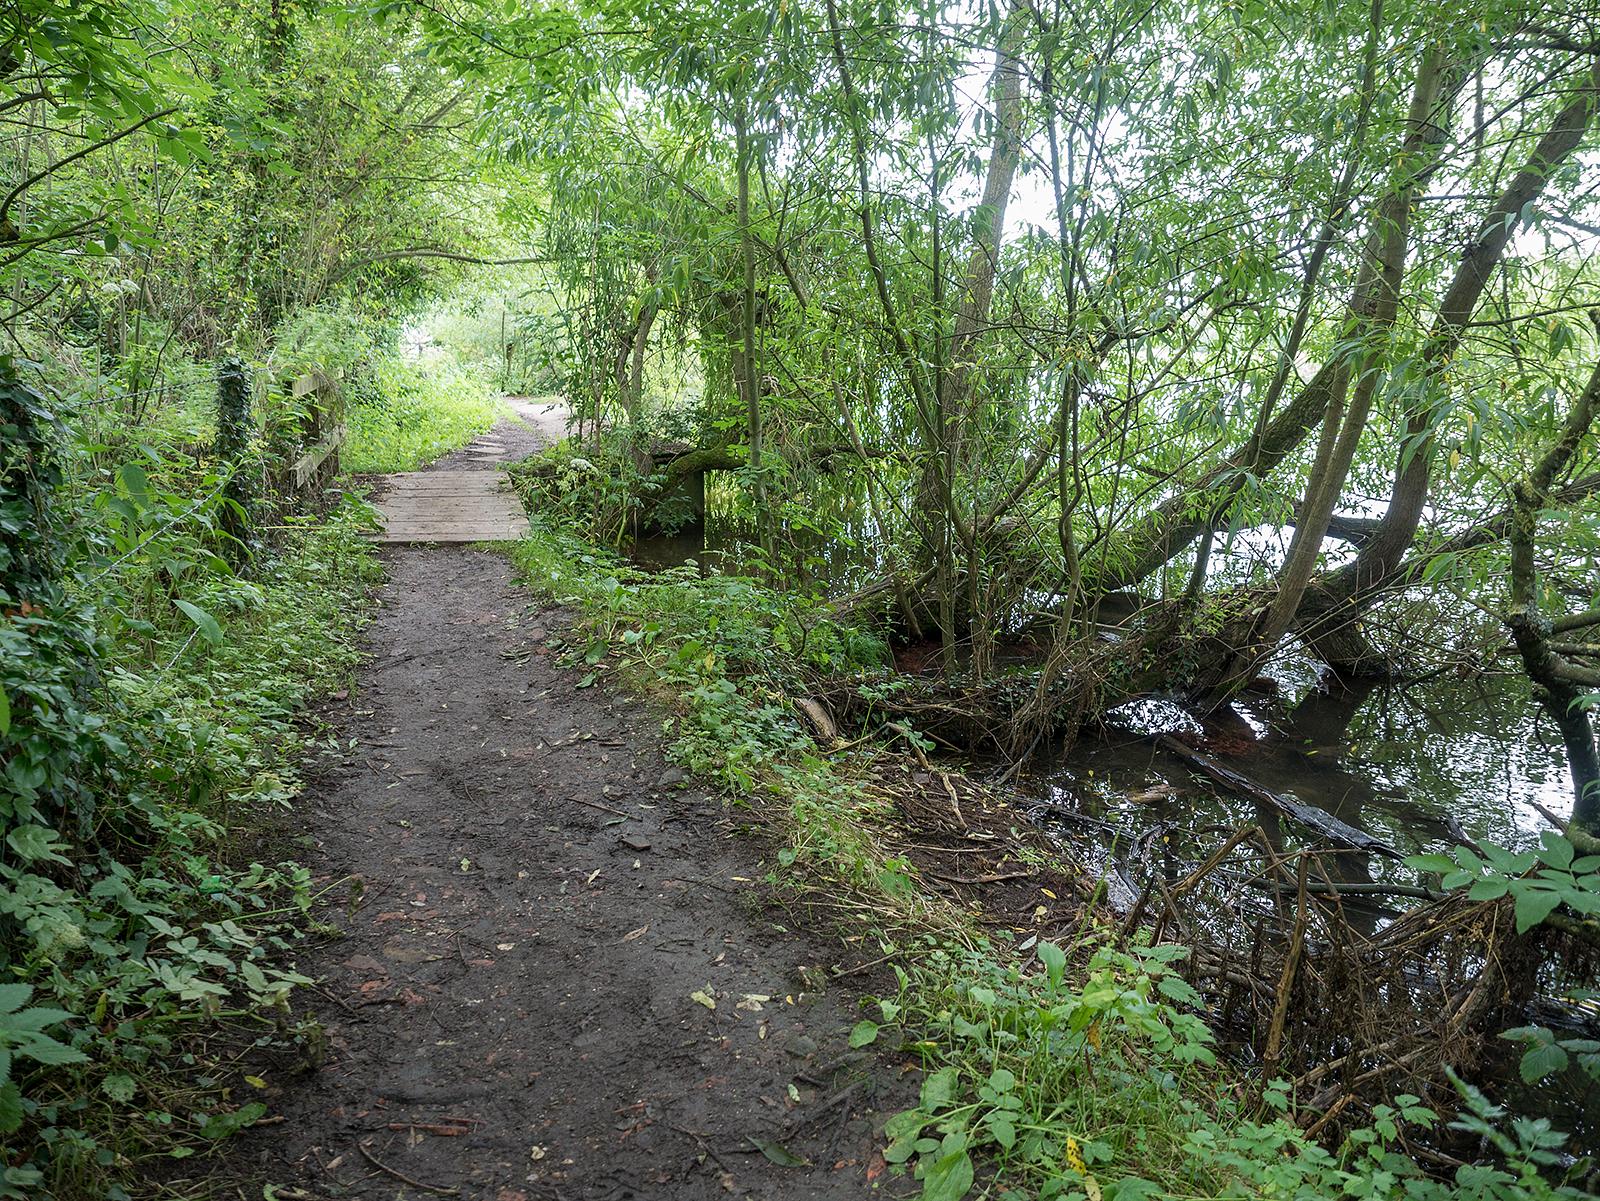 Small fotbridge over a stream